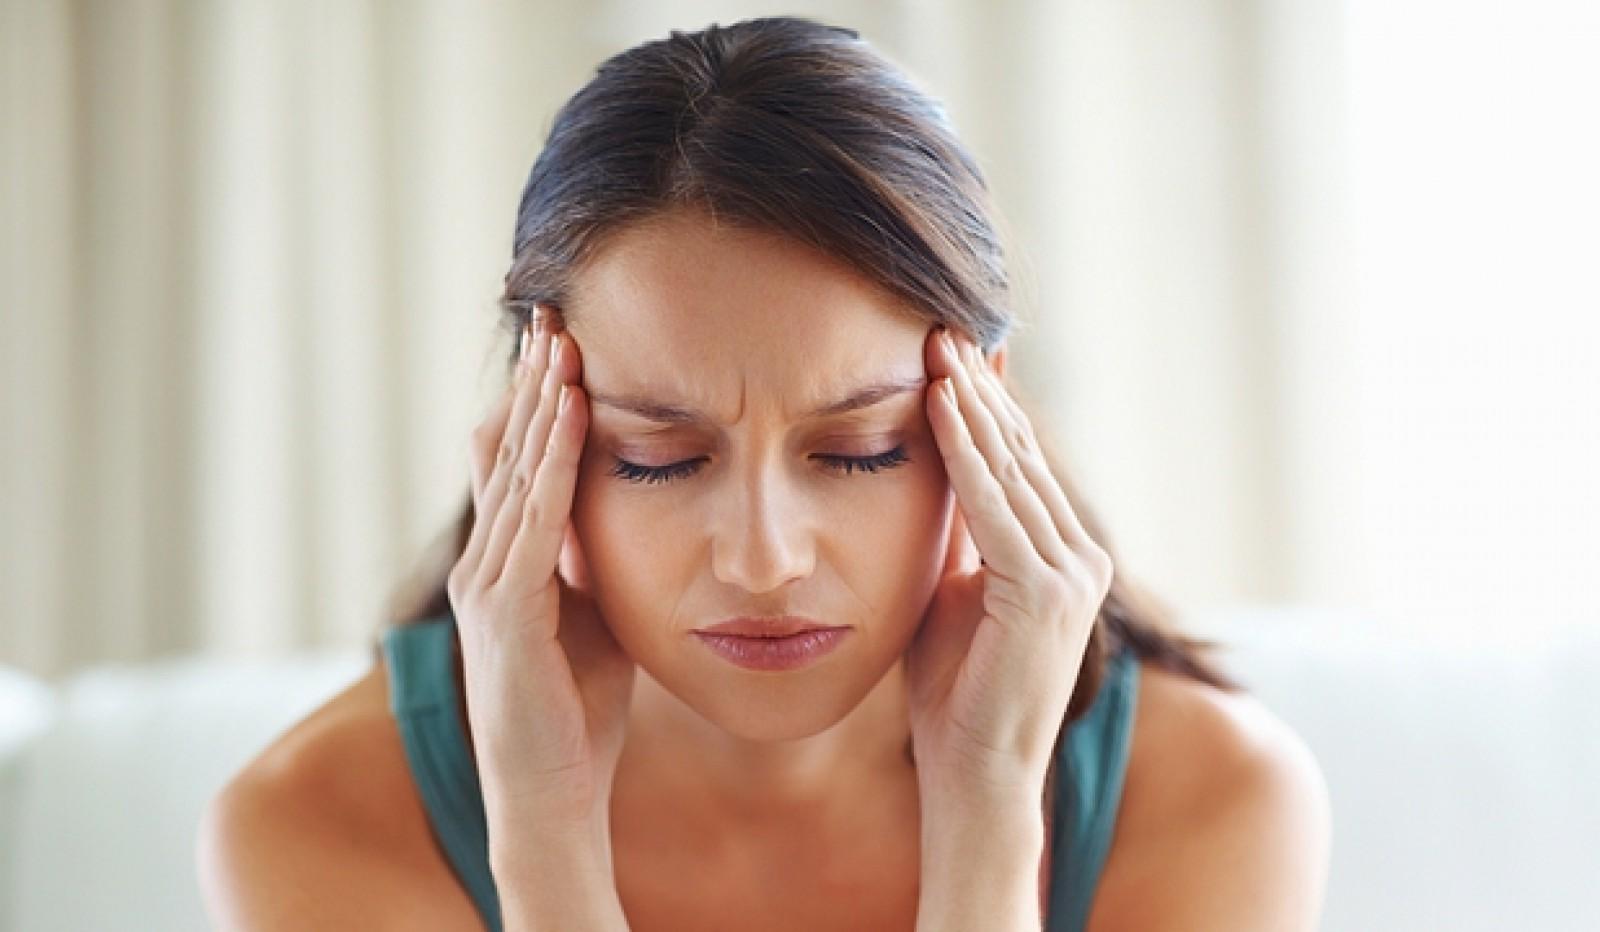 Ce sunt tulburările somatoforme şi cum pot fi diagnosticate